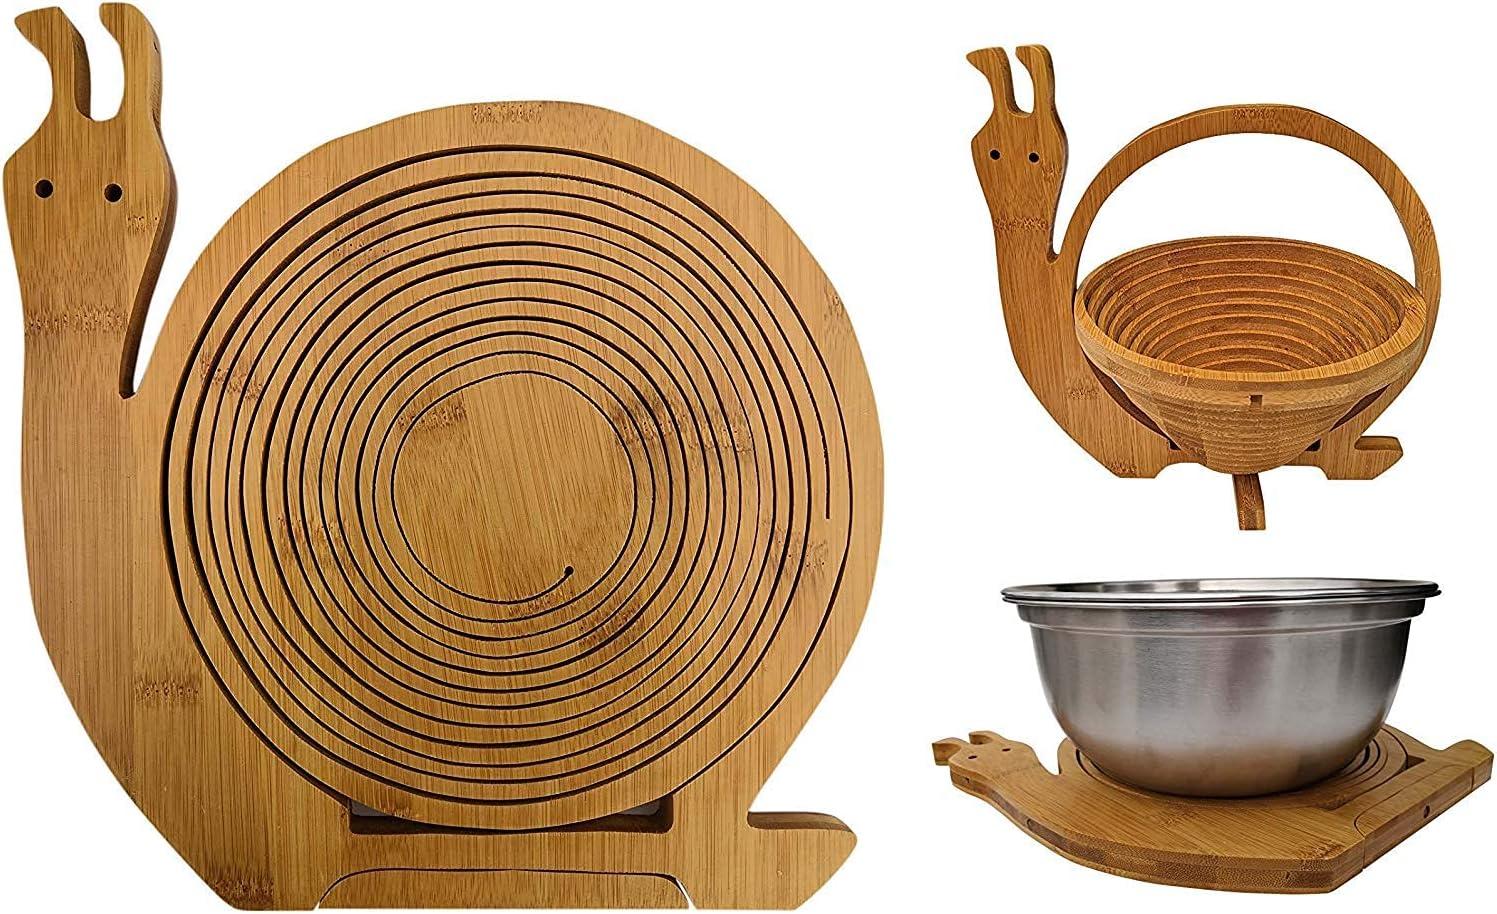 Bamboo Trivet Heatproof Mat Price reduction Protector overseas Worktop Kitchen Mul